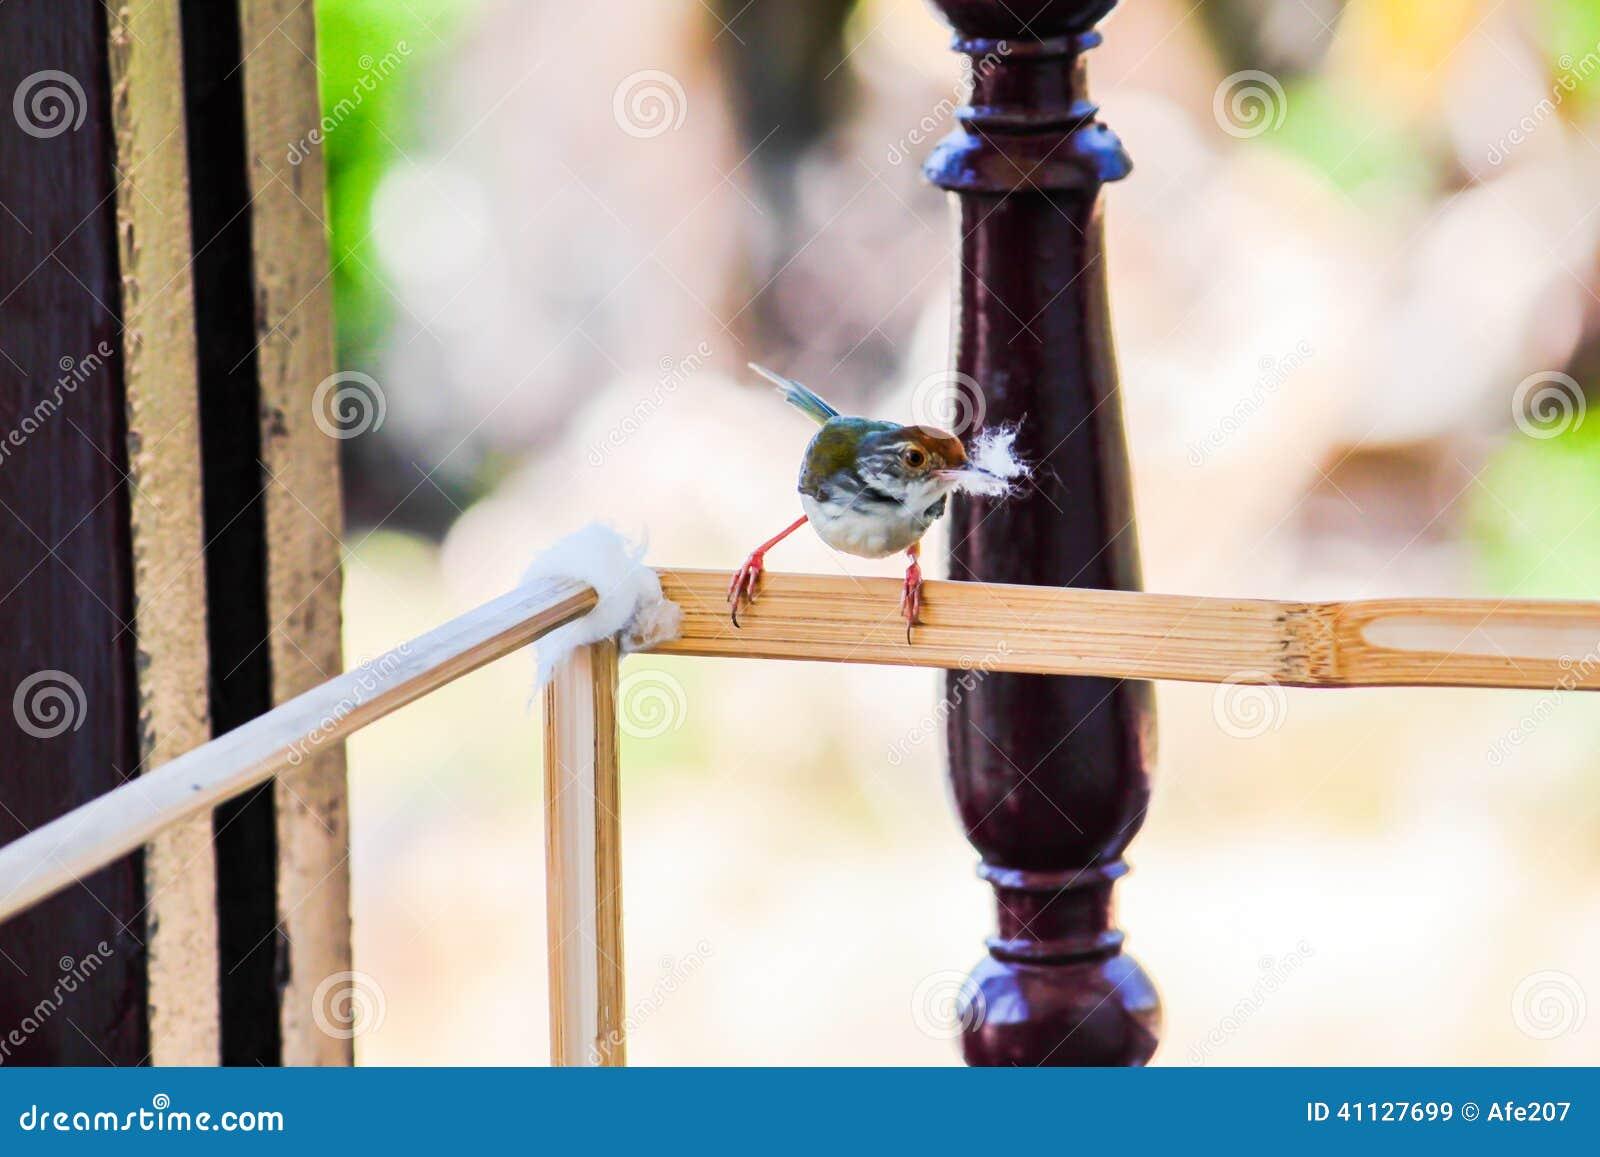 Macierzystego ptasiego wp8lywy bawełniana piłka robić gniazdeczku